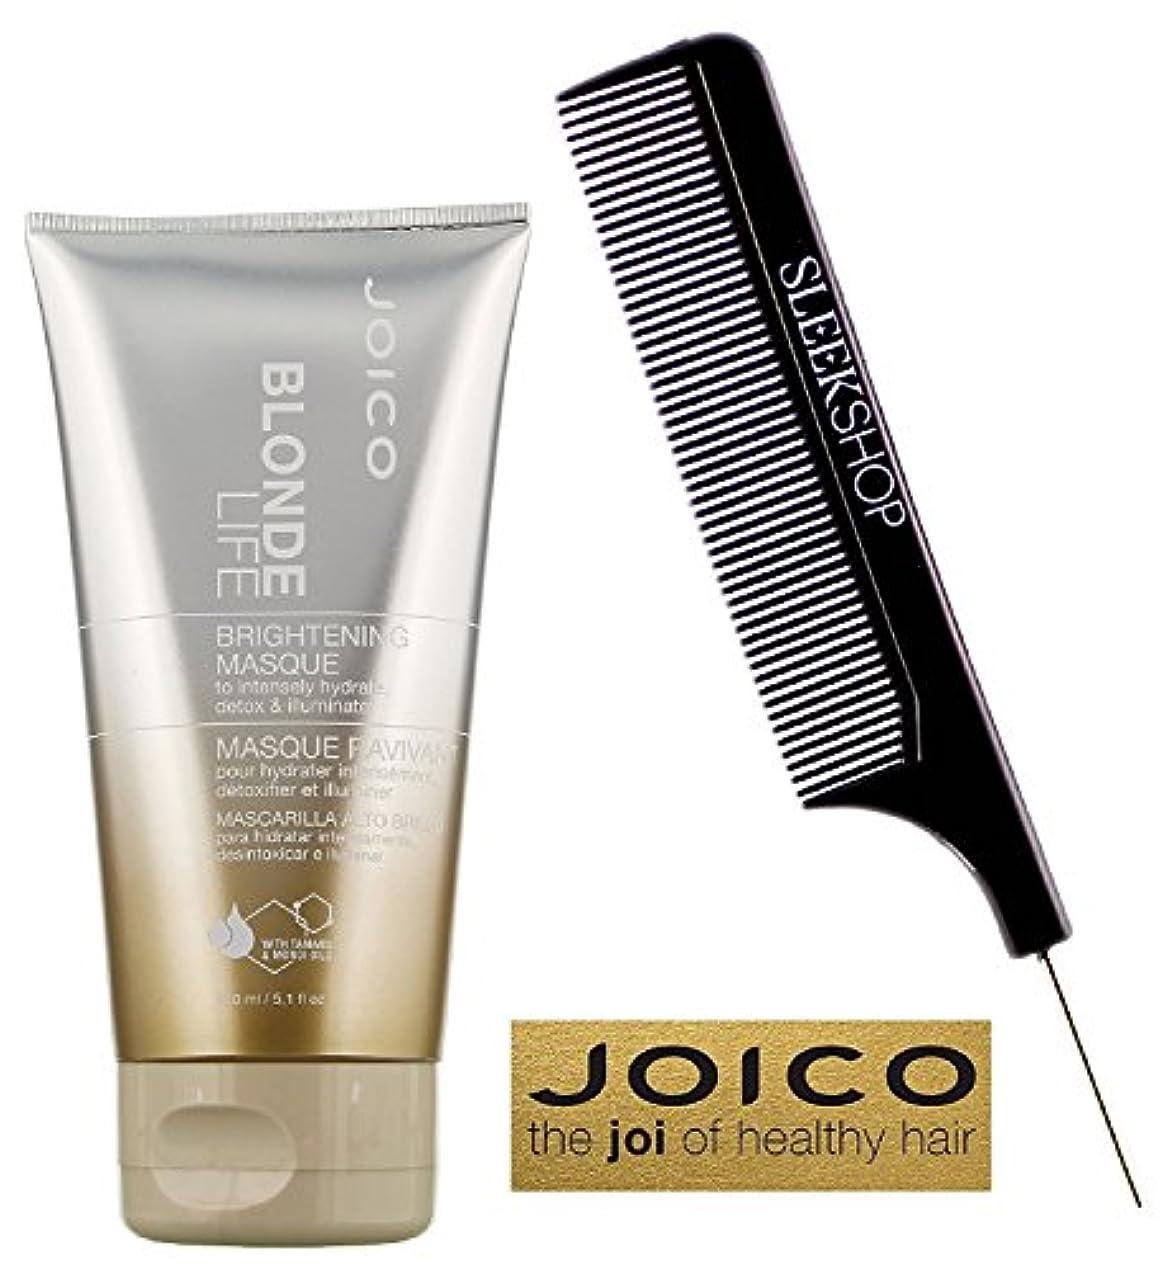 プレミアム分布キャッシュJoico products ジョイコブロンド?ライフブライトニング仮面に激しく水和物、デトックス&を照らしマスク(なめらかなスチールピンテール櫛で)(5.1オンス) 5.1オンス